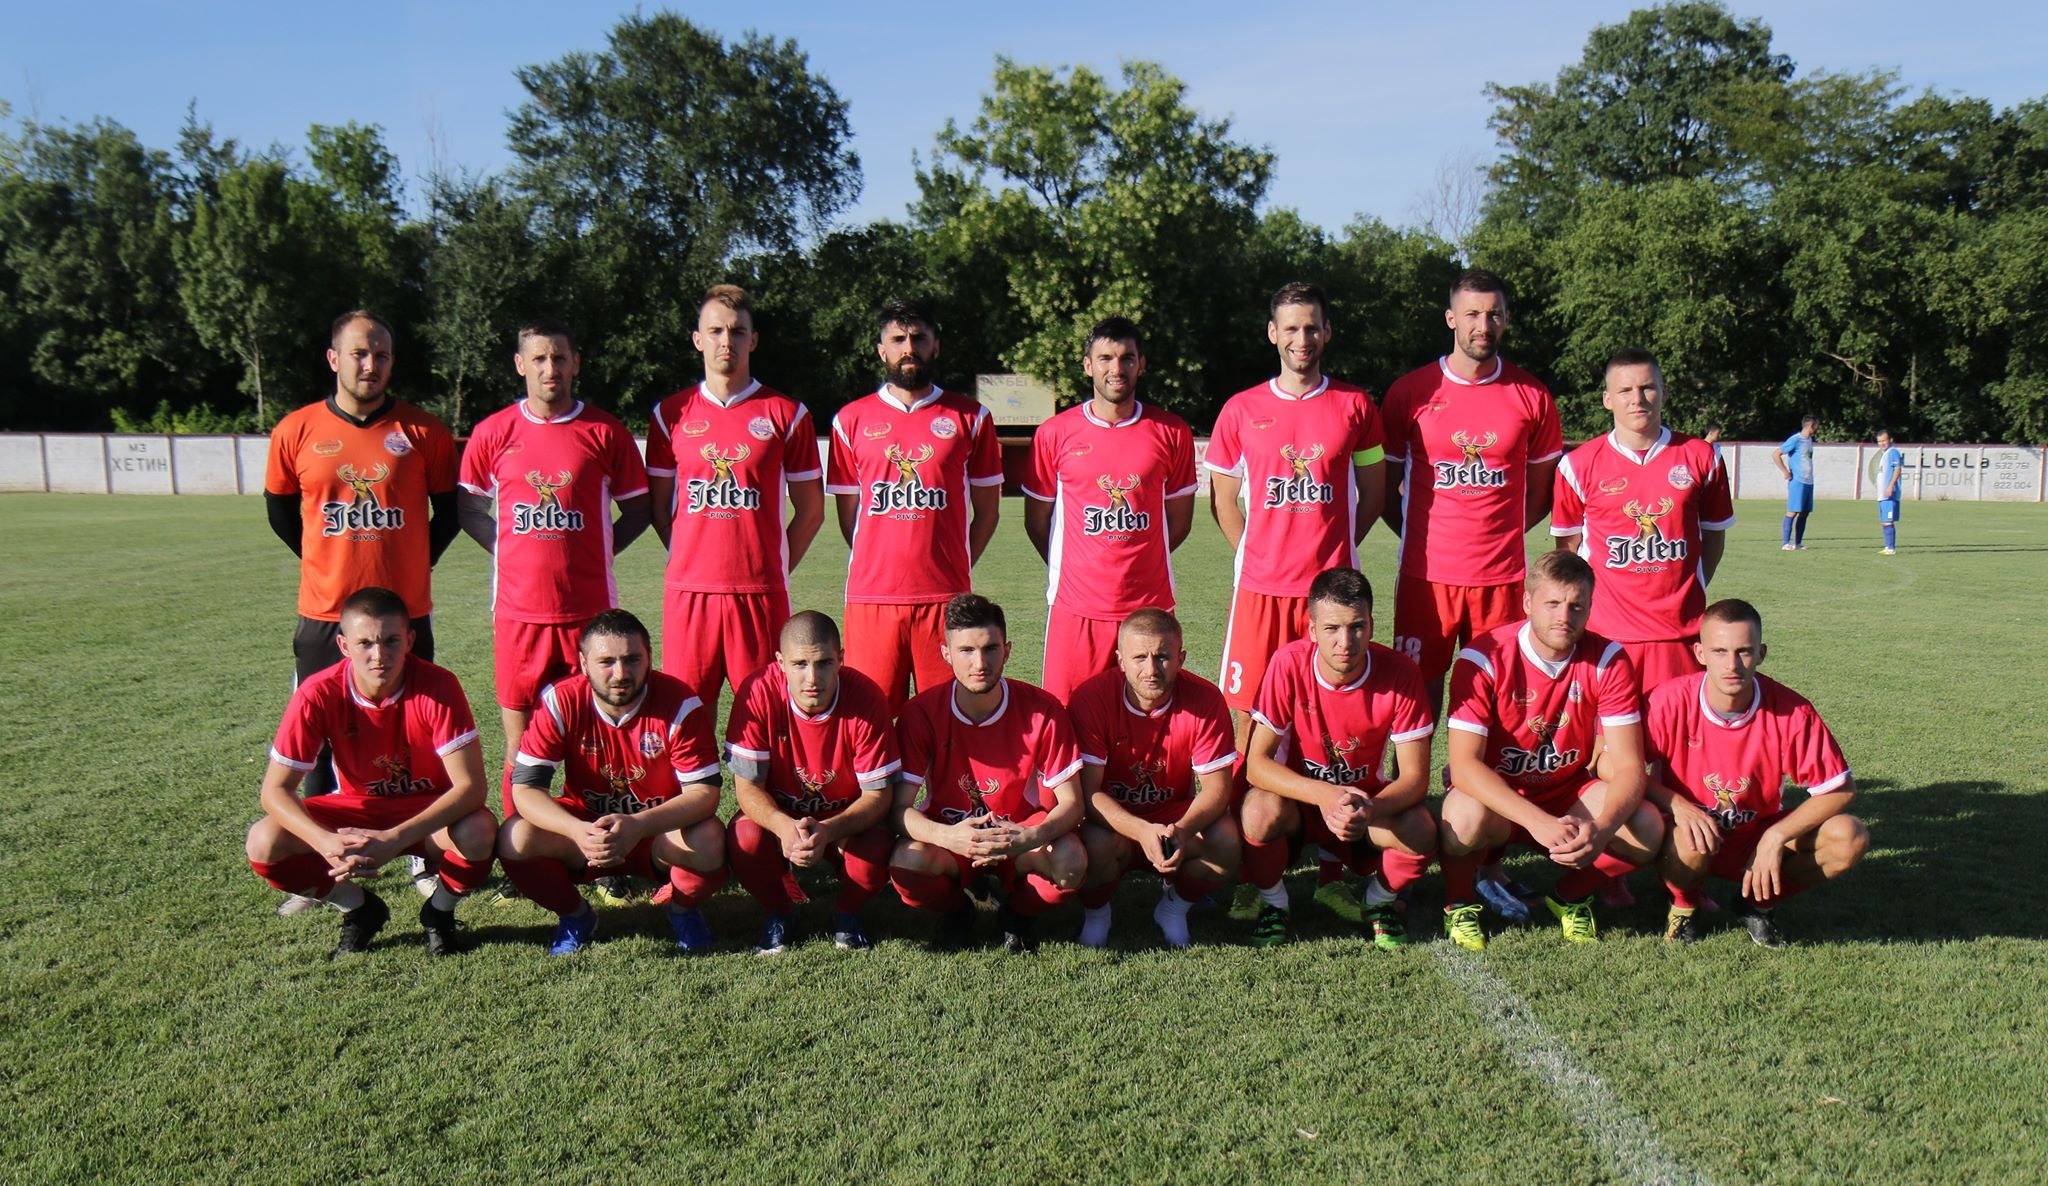 Fudbalski klub Begej spreman za početak nove sezone